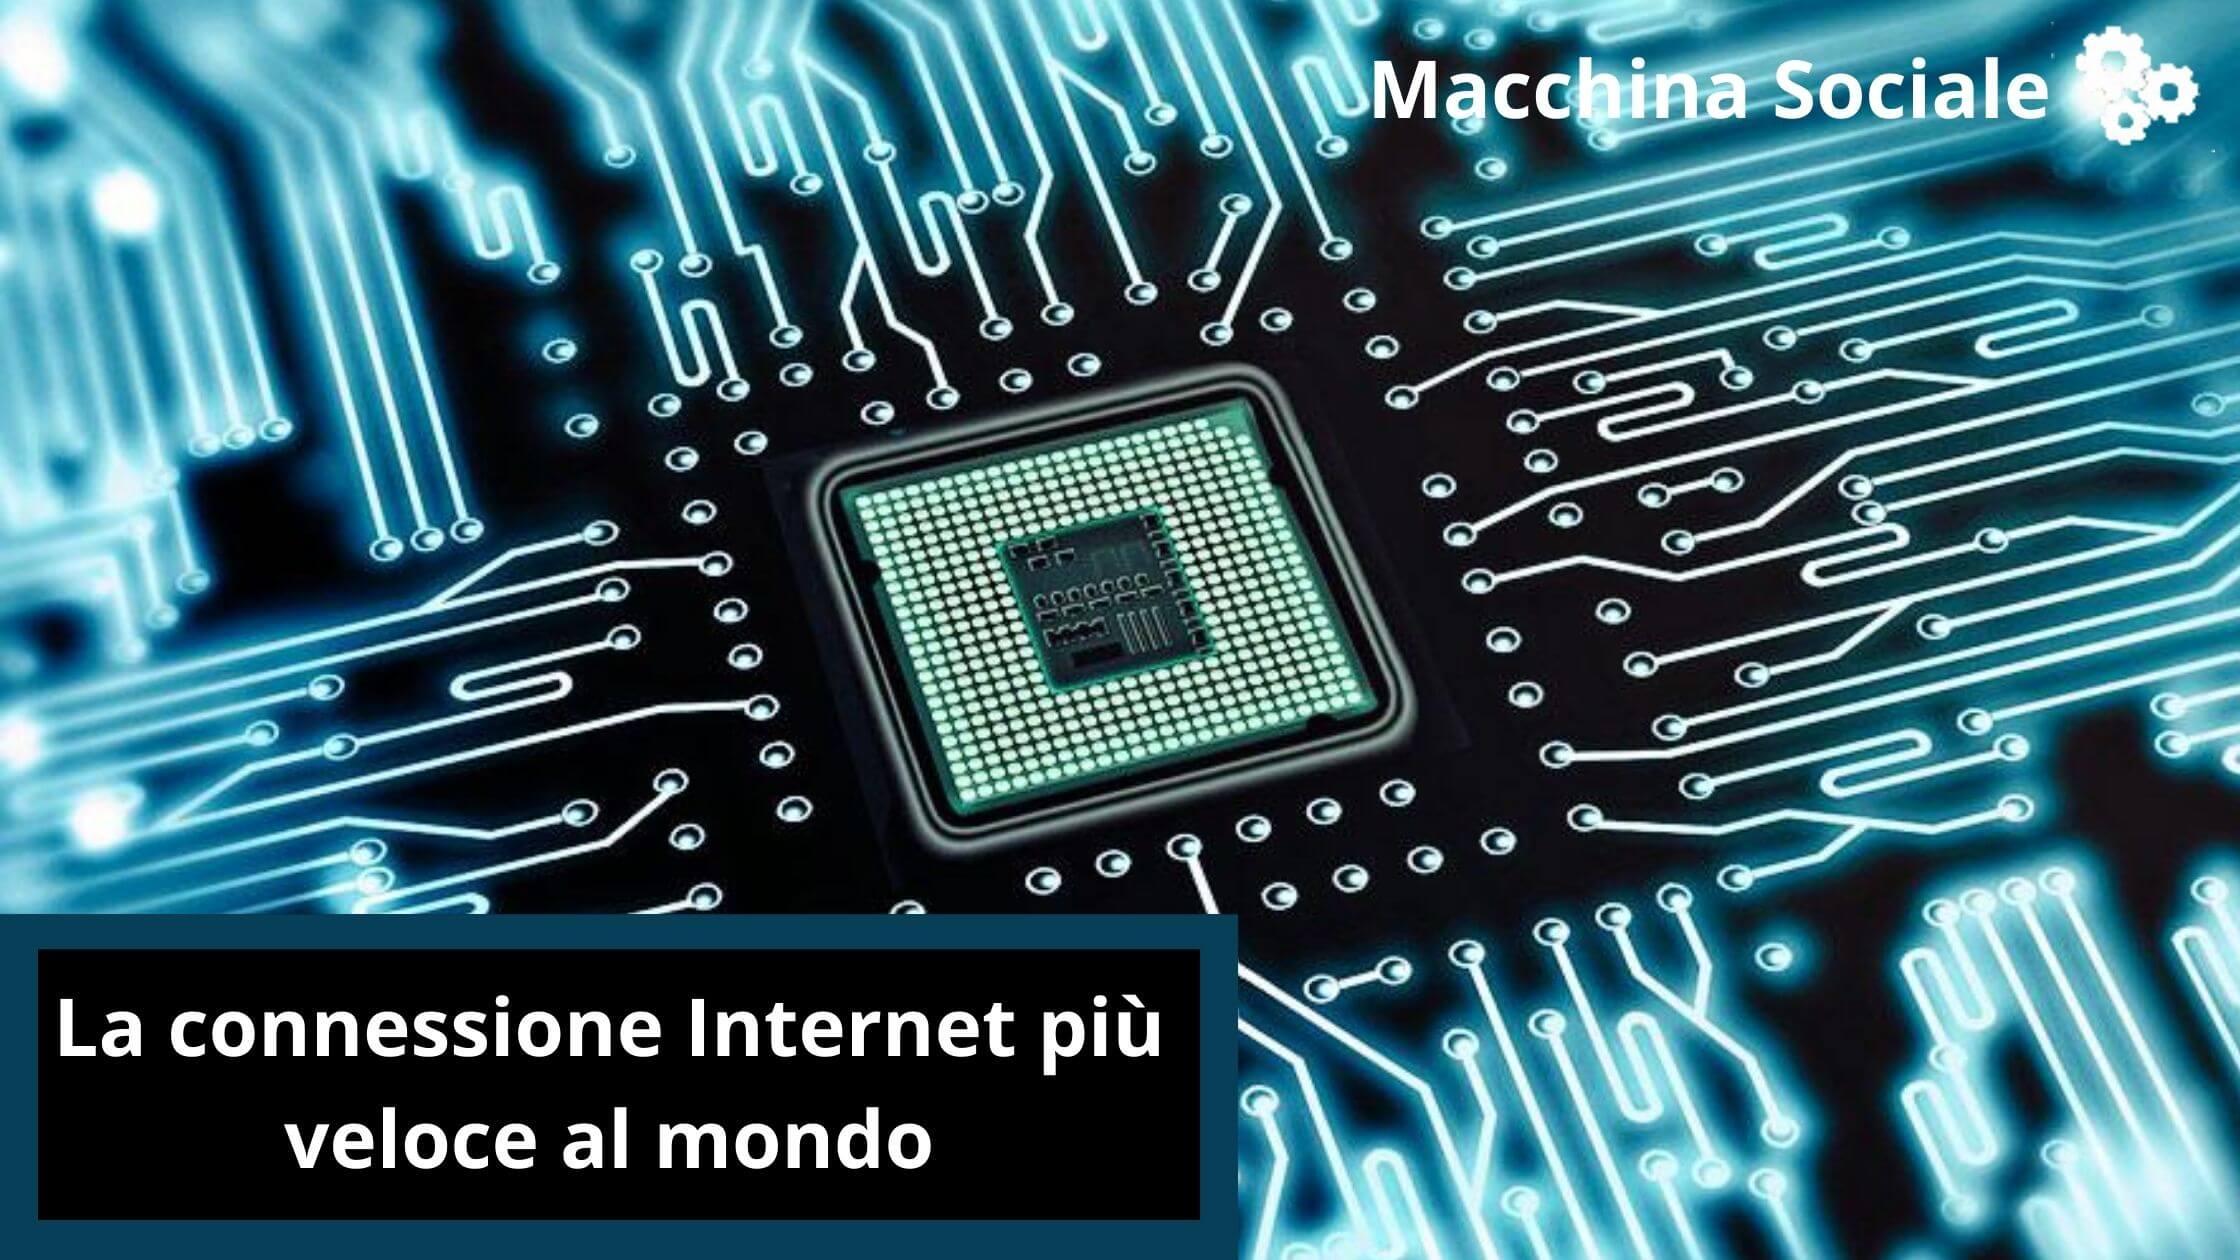 La connessione Internet più veloce al mondo